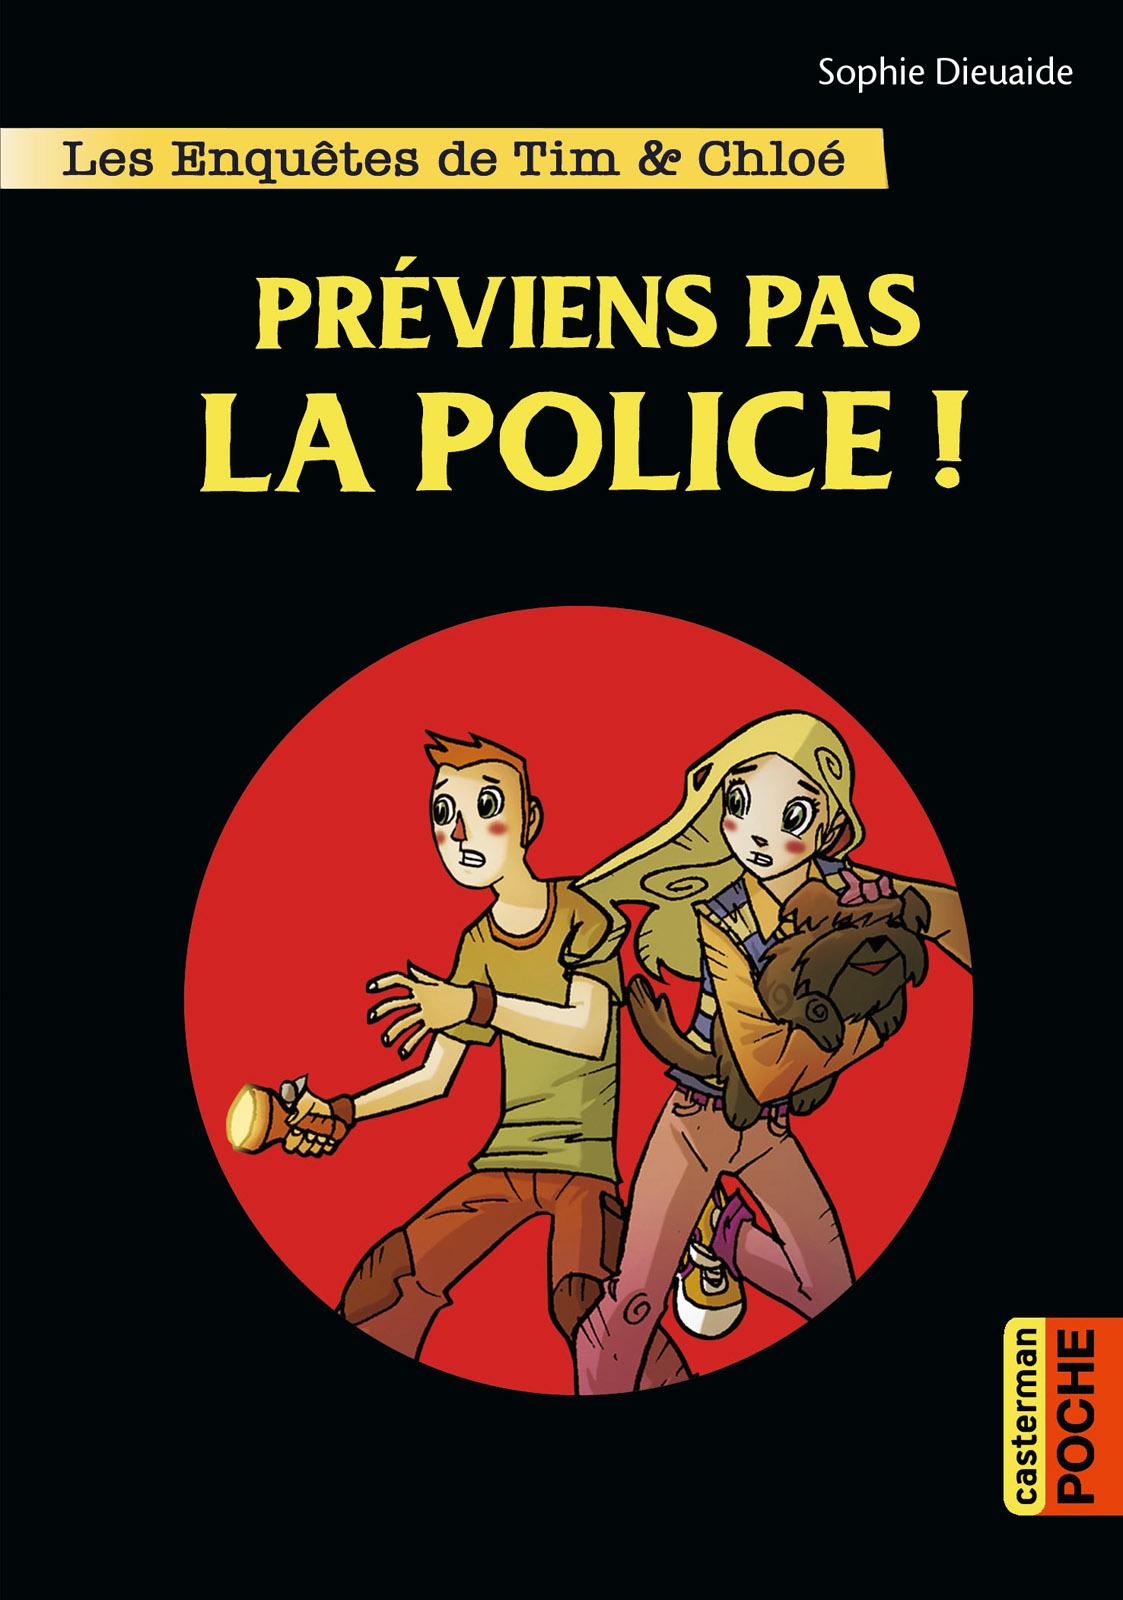 Les enquêtes de Tim et Chloé (Tome 2) - Préviens pas la police !